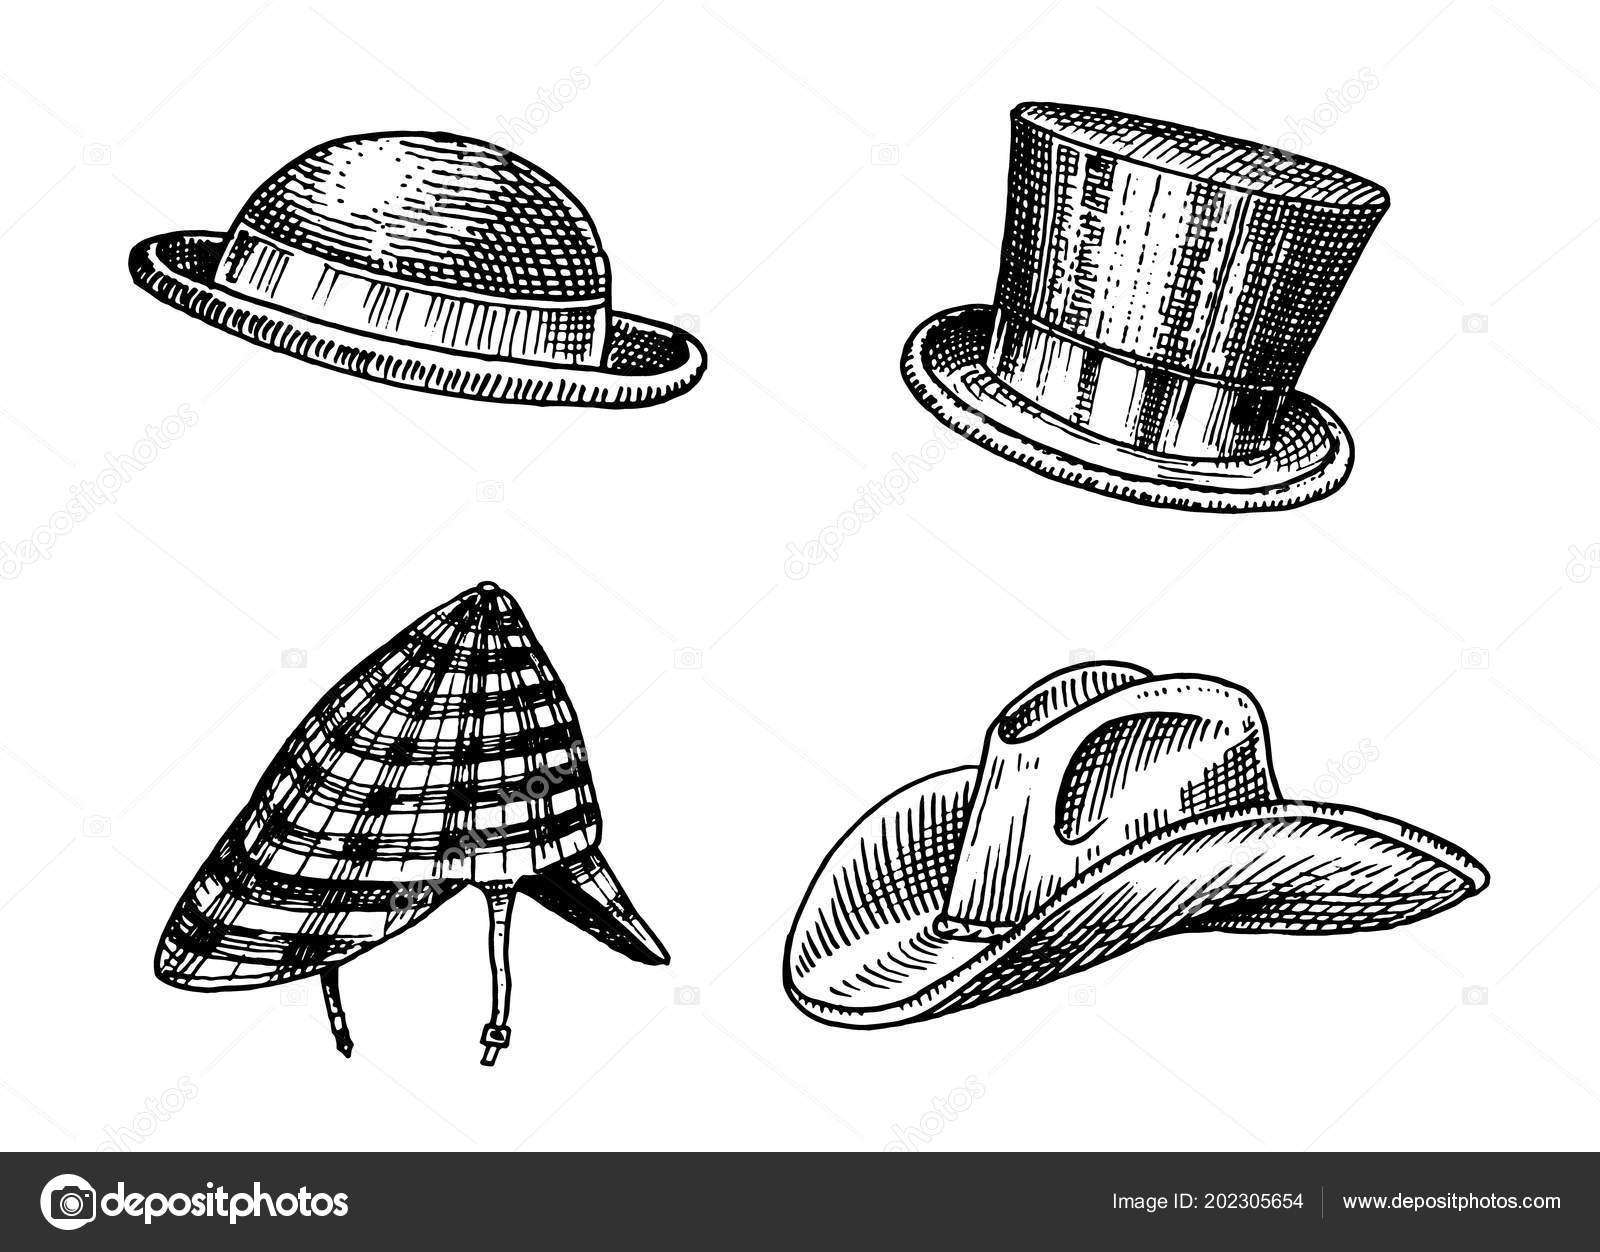 Verano vintage colección de sombreros para hombres elegantes. Tapa Derby  Deerstalker Homburg Bowler paja boina capitán vaquero sombrero navegante  alcanzó su ... b7748e6a5c0